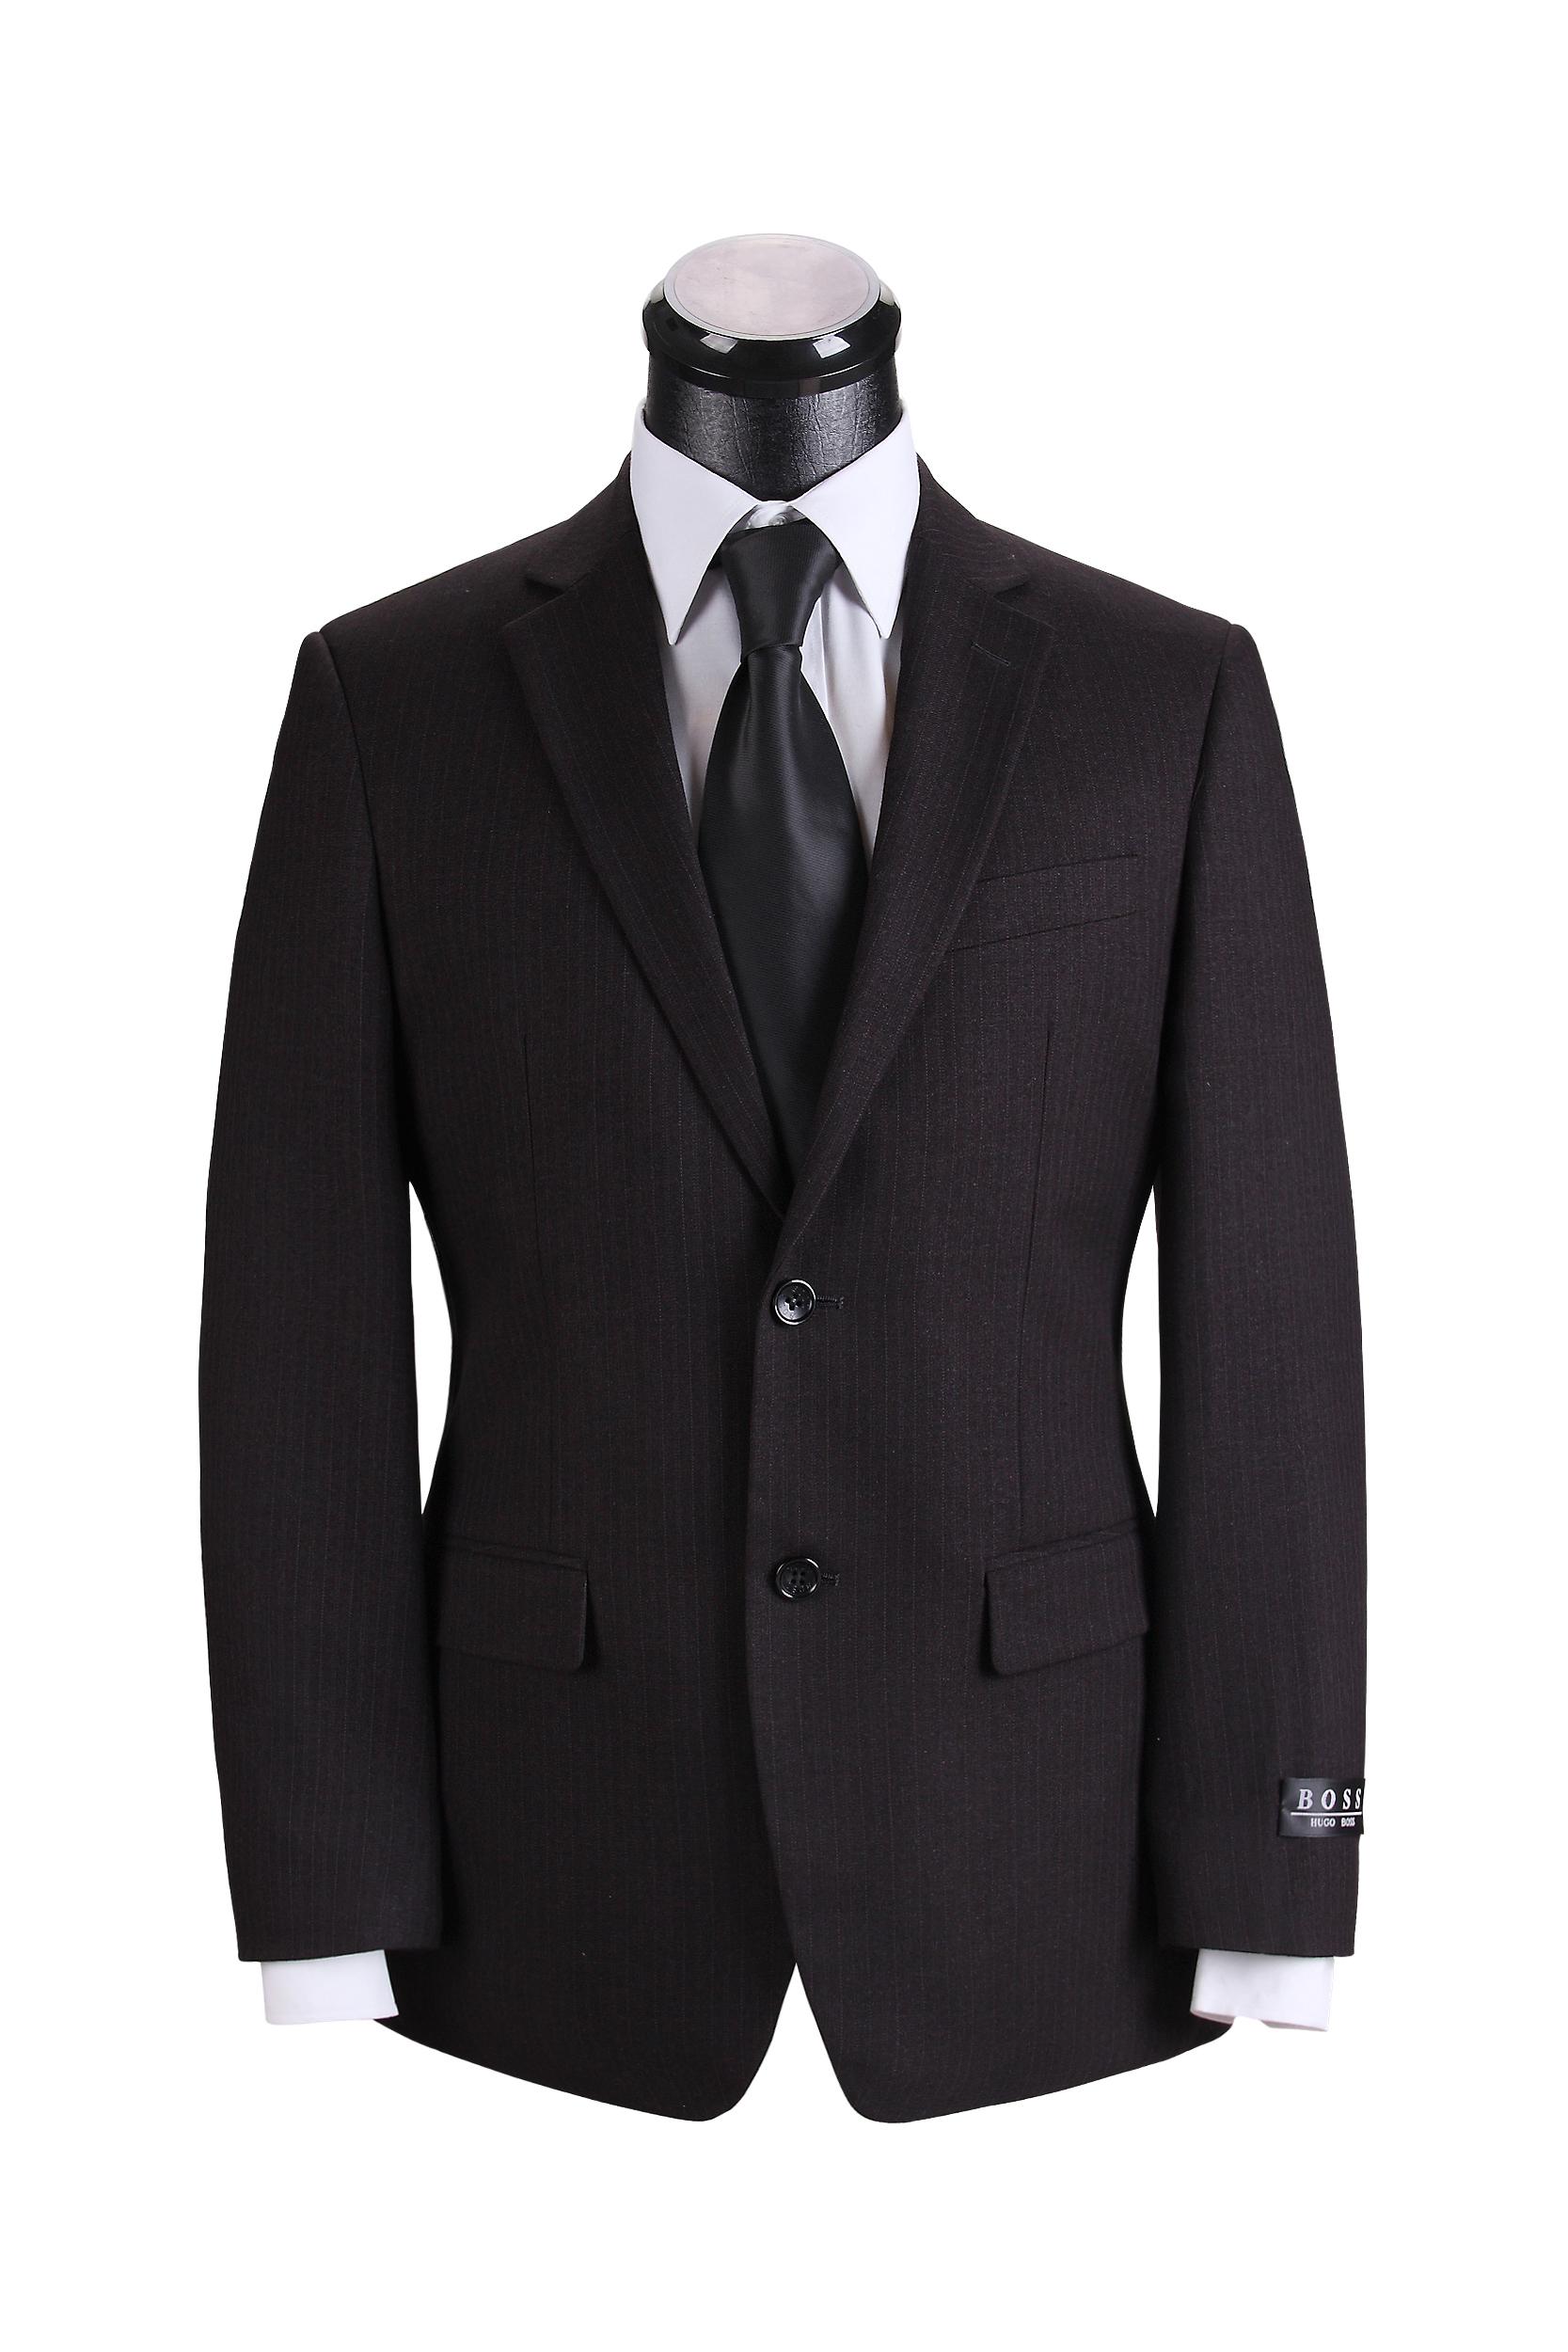 hugo boss的西服充满德式风格,讲究的是材质的上等与做工的精细,一套图片